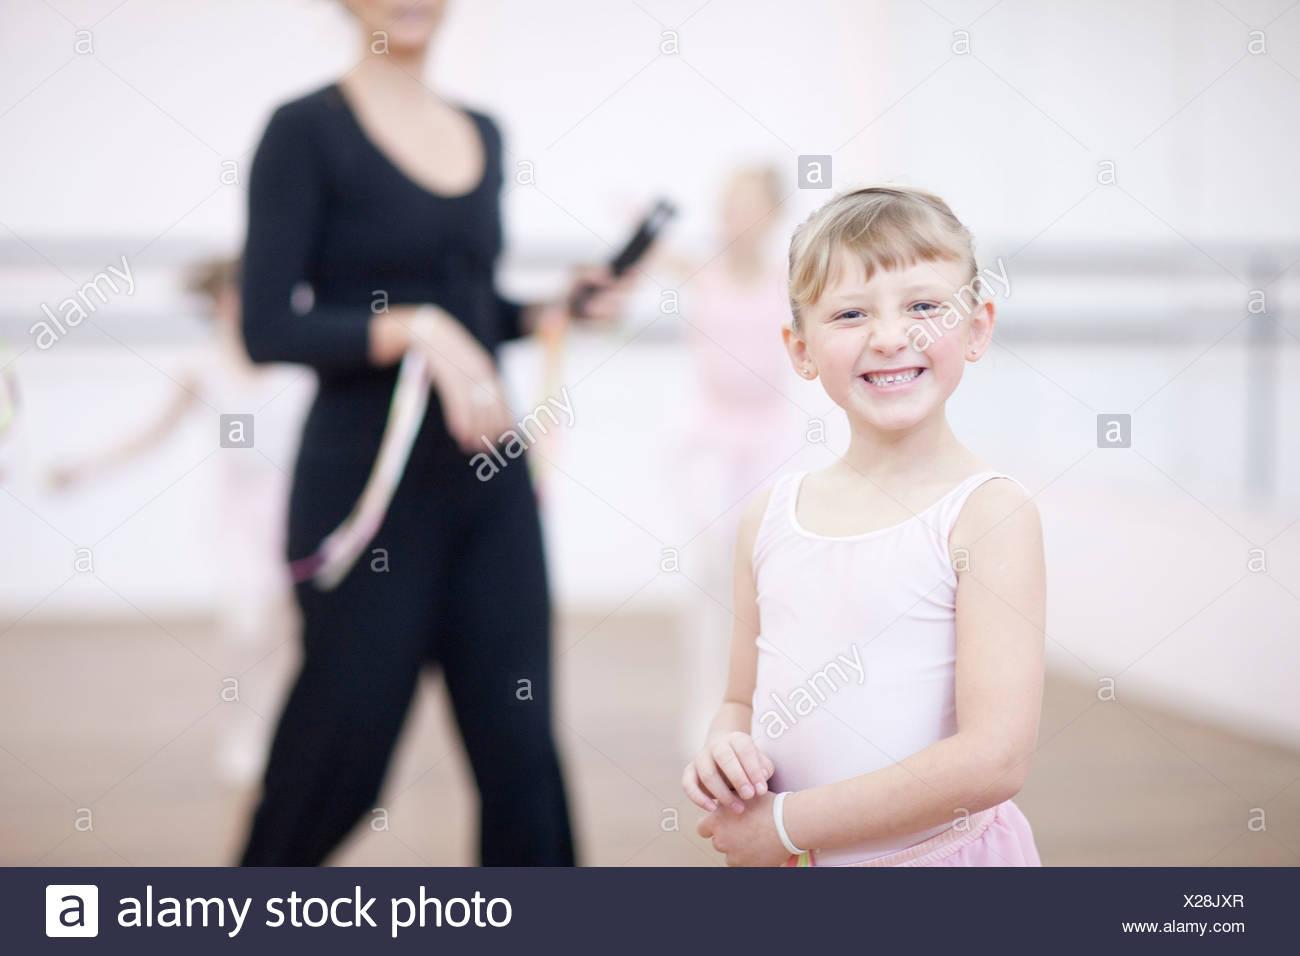 Portrait of mischievous young ballerina - Stock Image